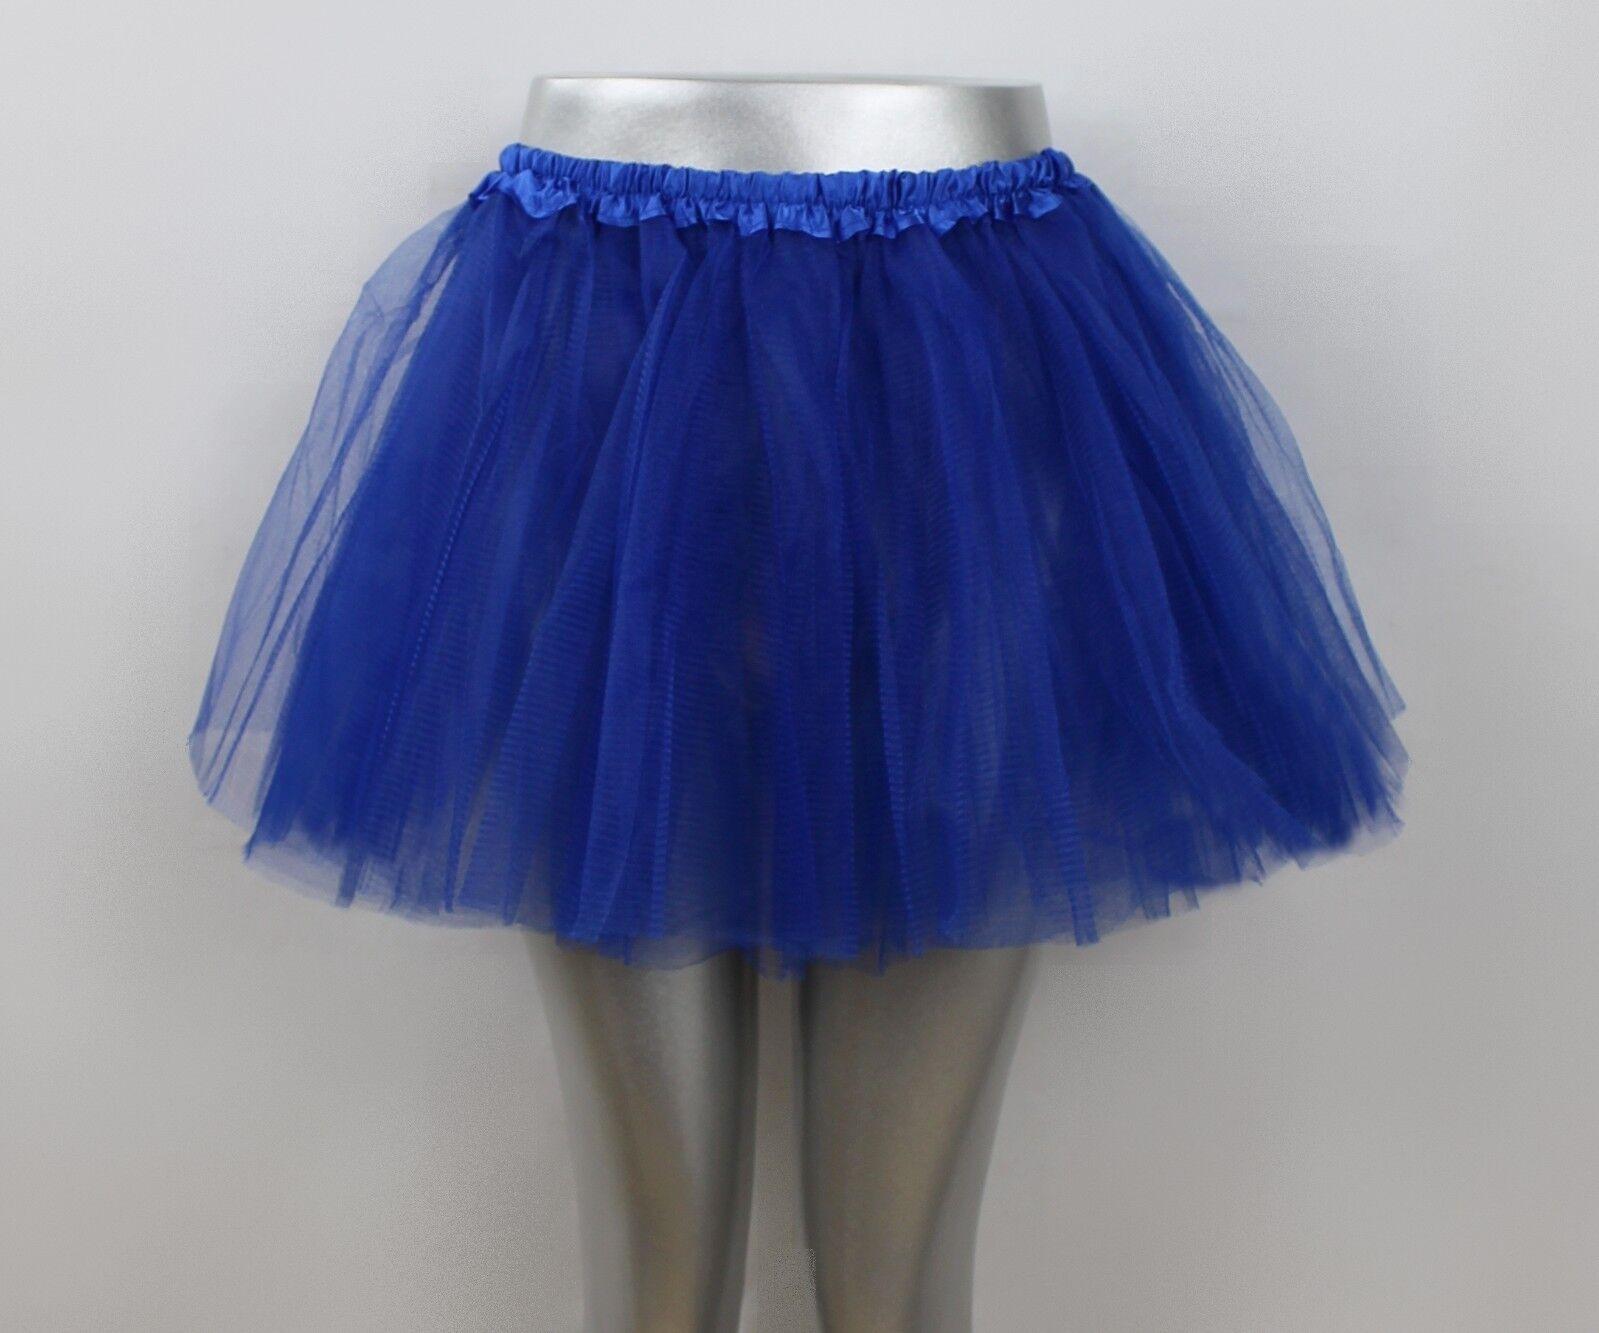 Medium - Königsblau